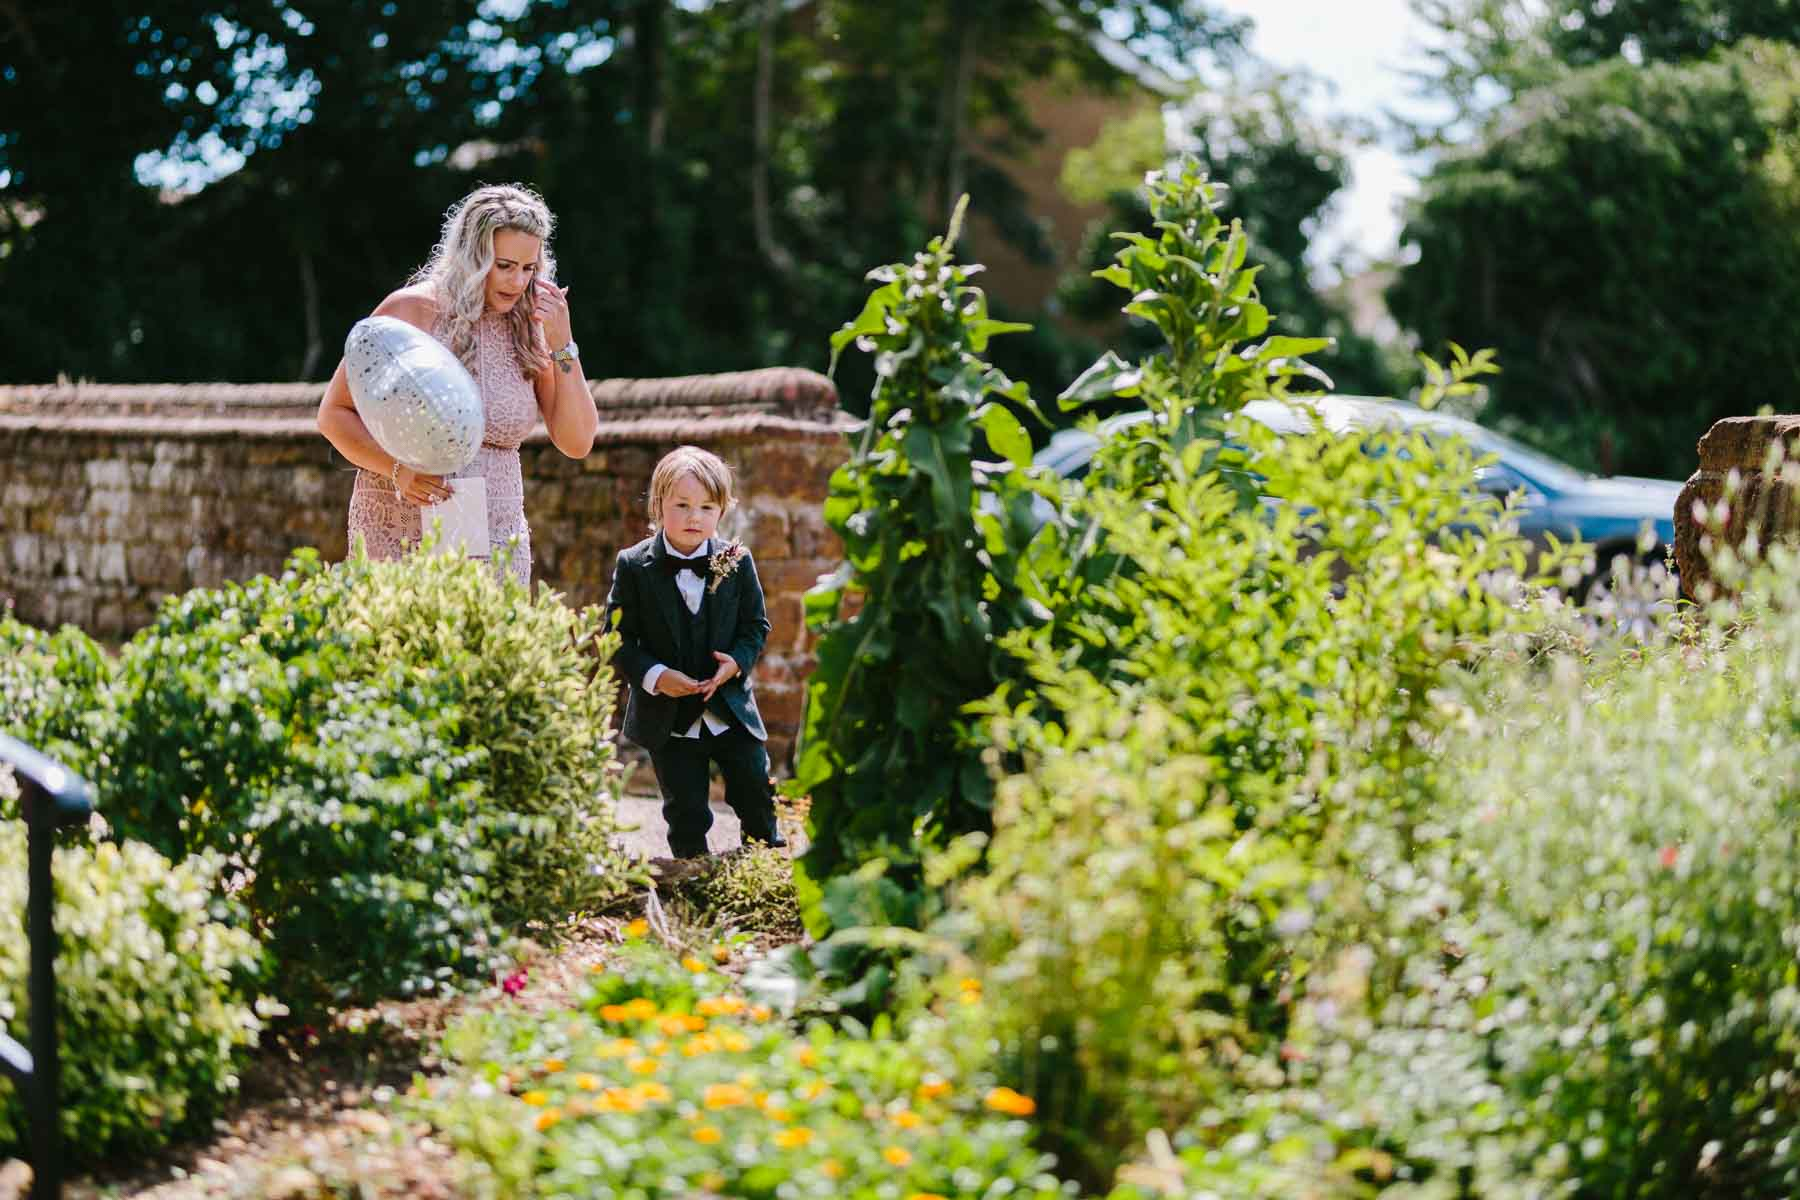 page boy running in the garden